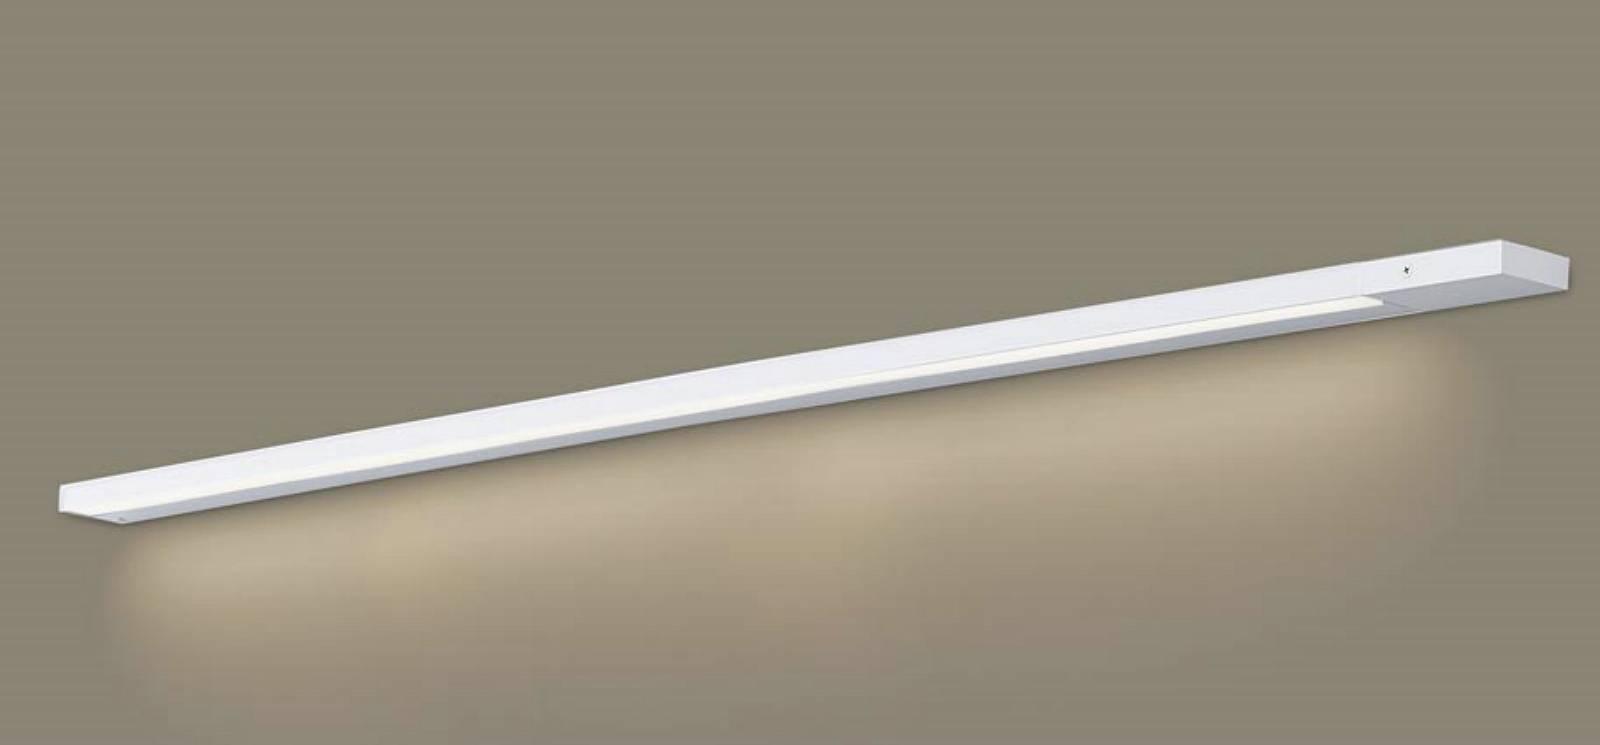 T区分 パナソニック LGB51366XG1 ベースライト 建築化照明器具 畳数設定無し LED【setsuden_led】